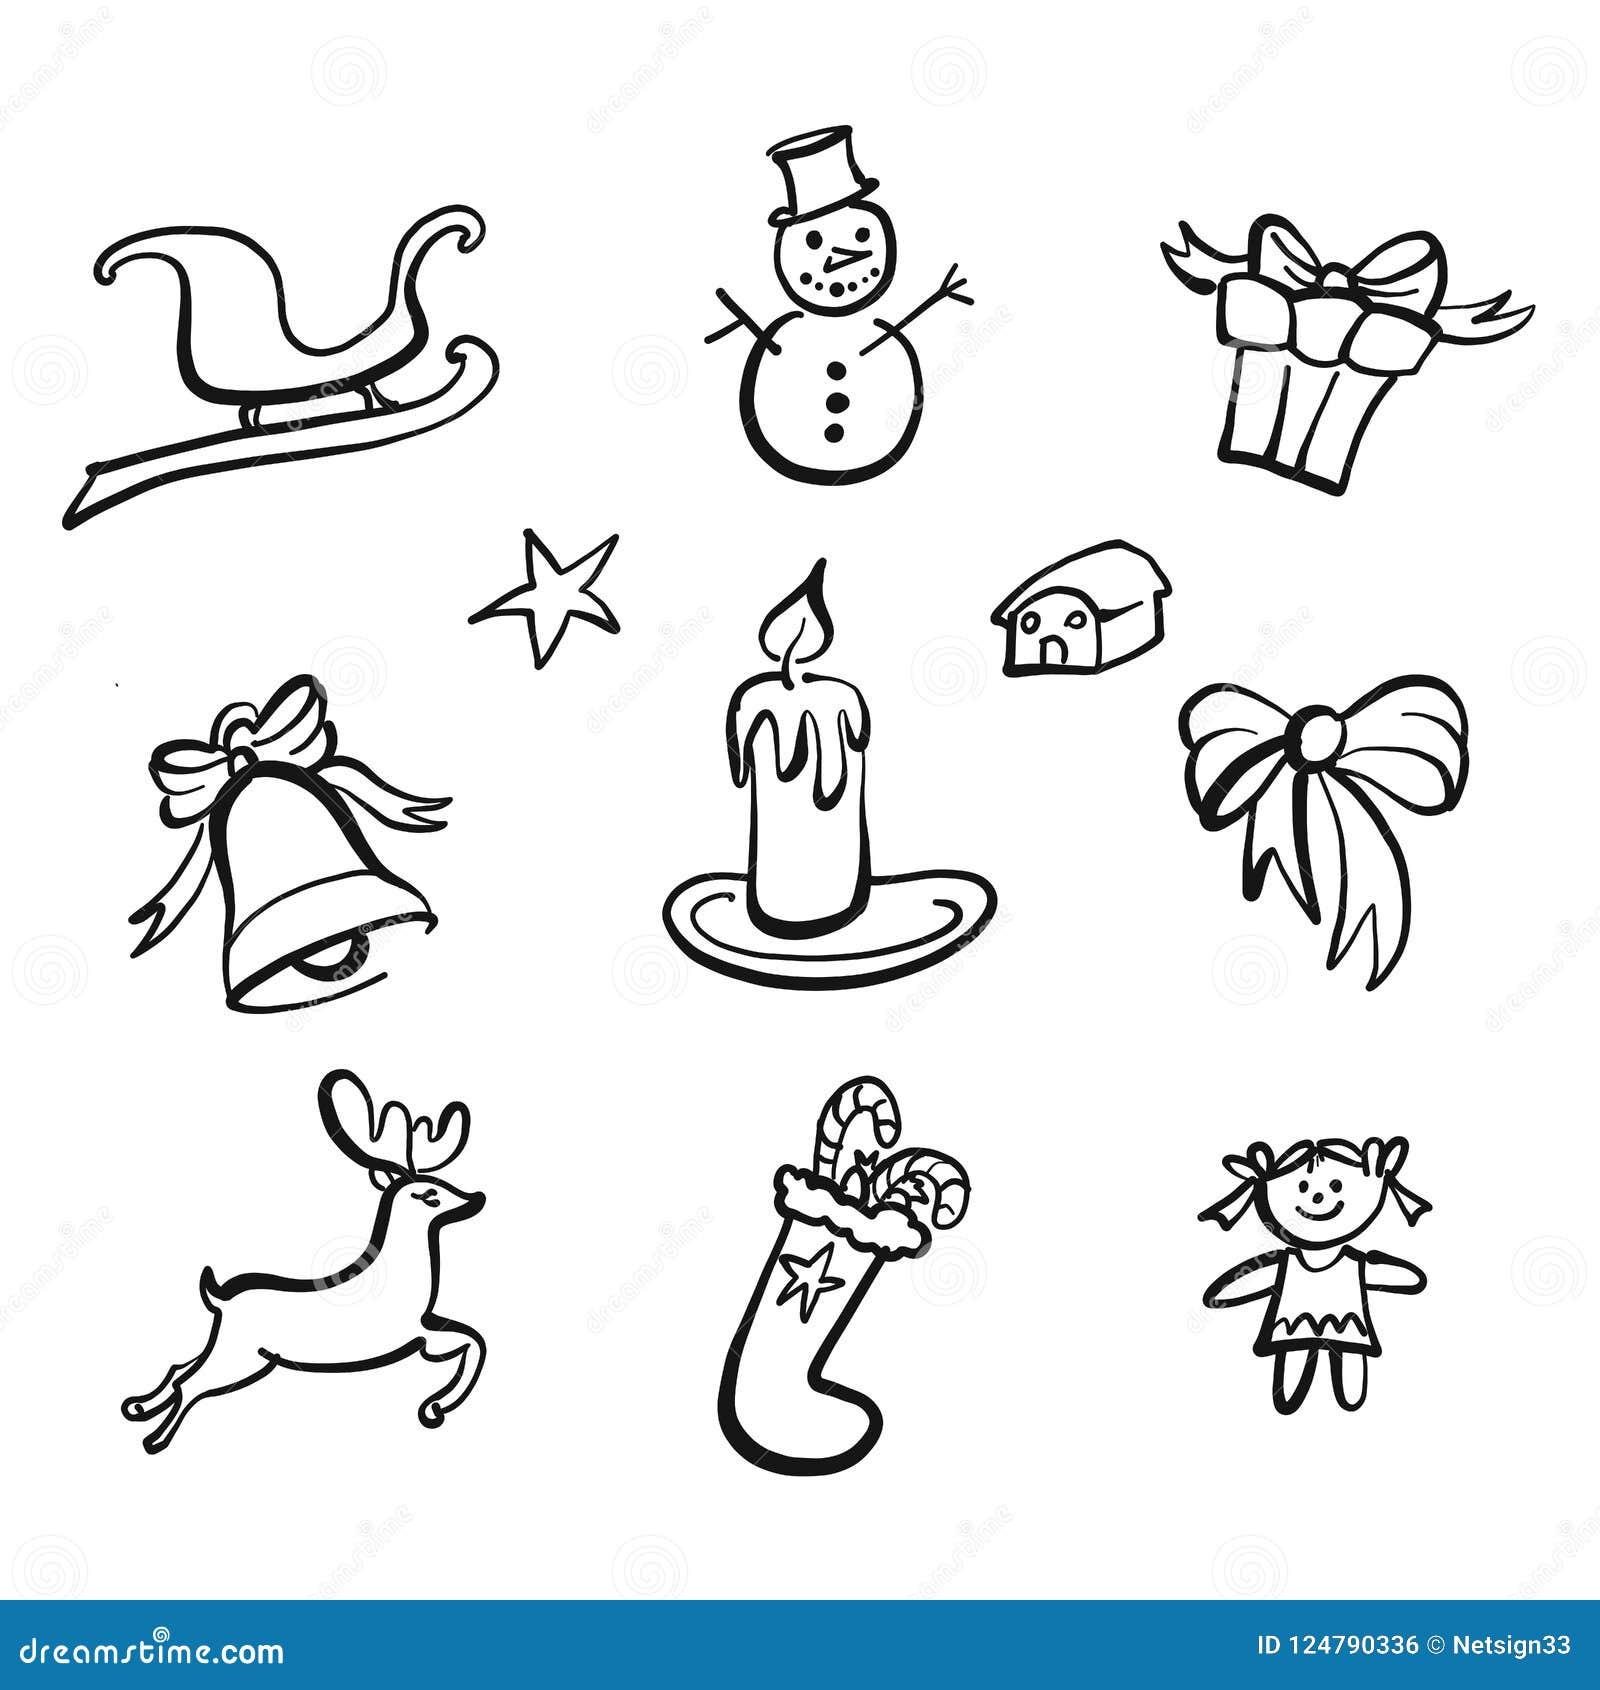 Disegni Di Natale Vettoriali.Disegni Delle Icone Di Natale Illustrazione Vettoriale